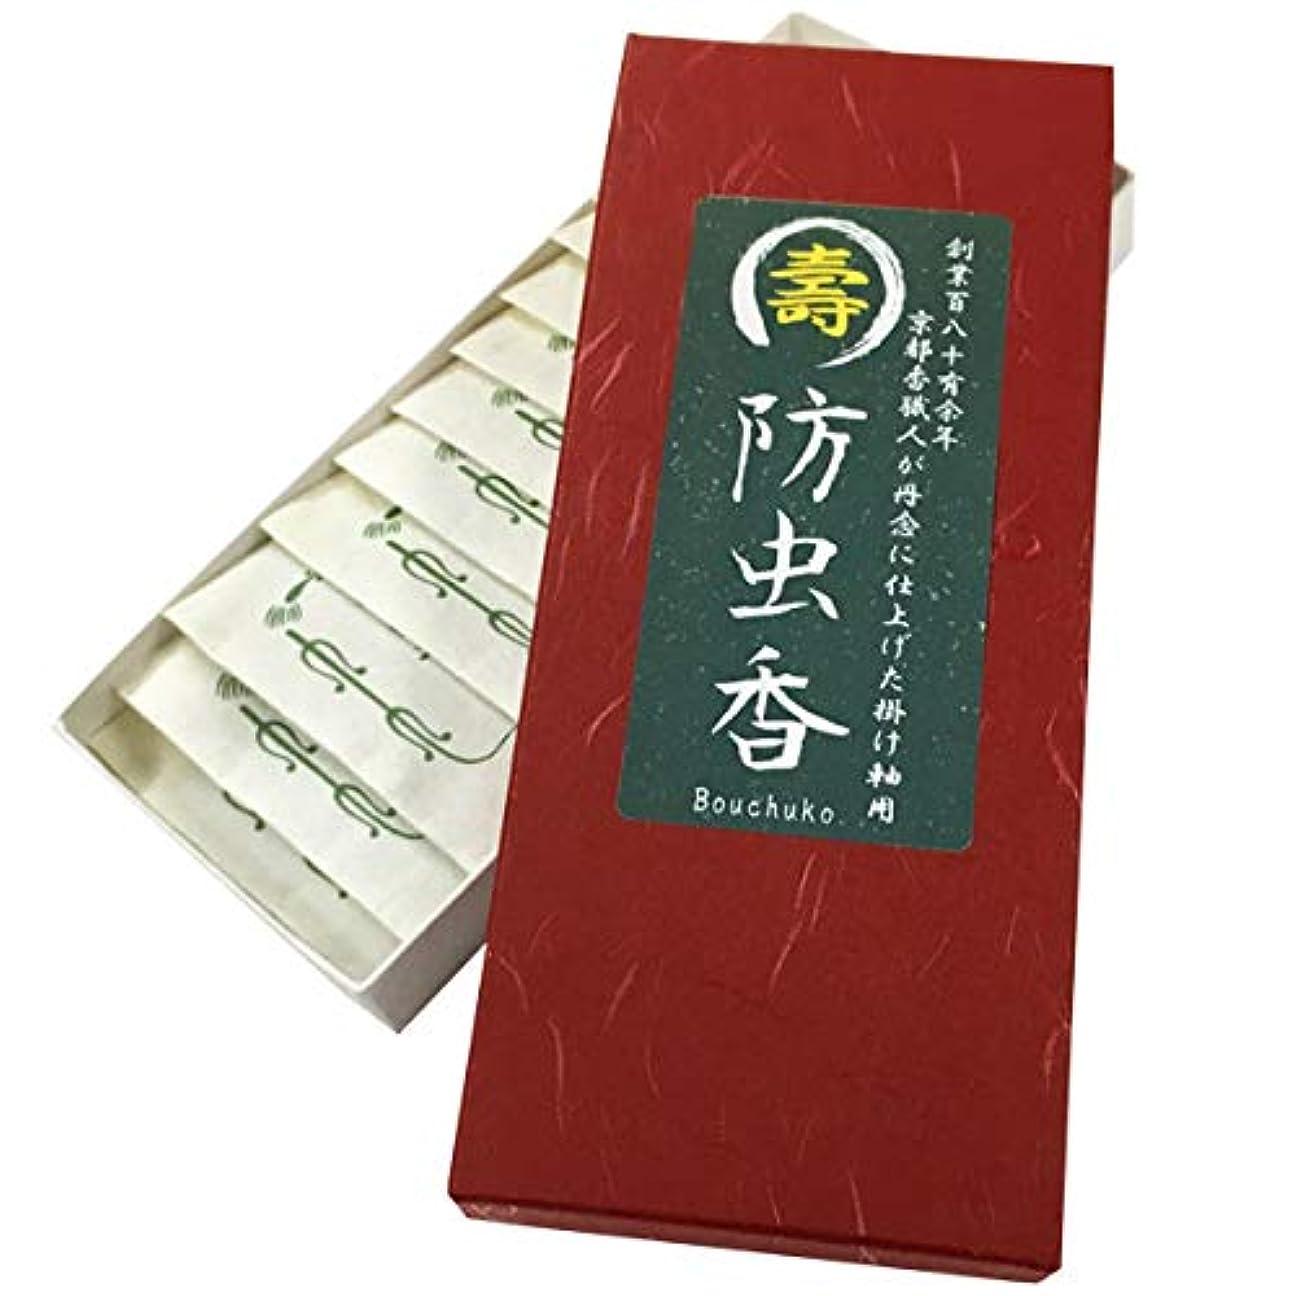 交響曲格差薬掛軸防虫香 壽印の防虫香 1袋10箱入り